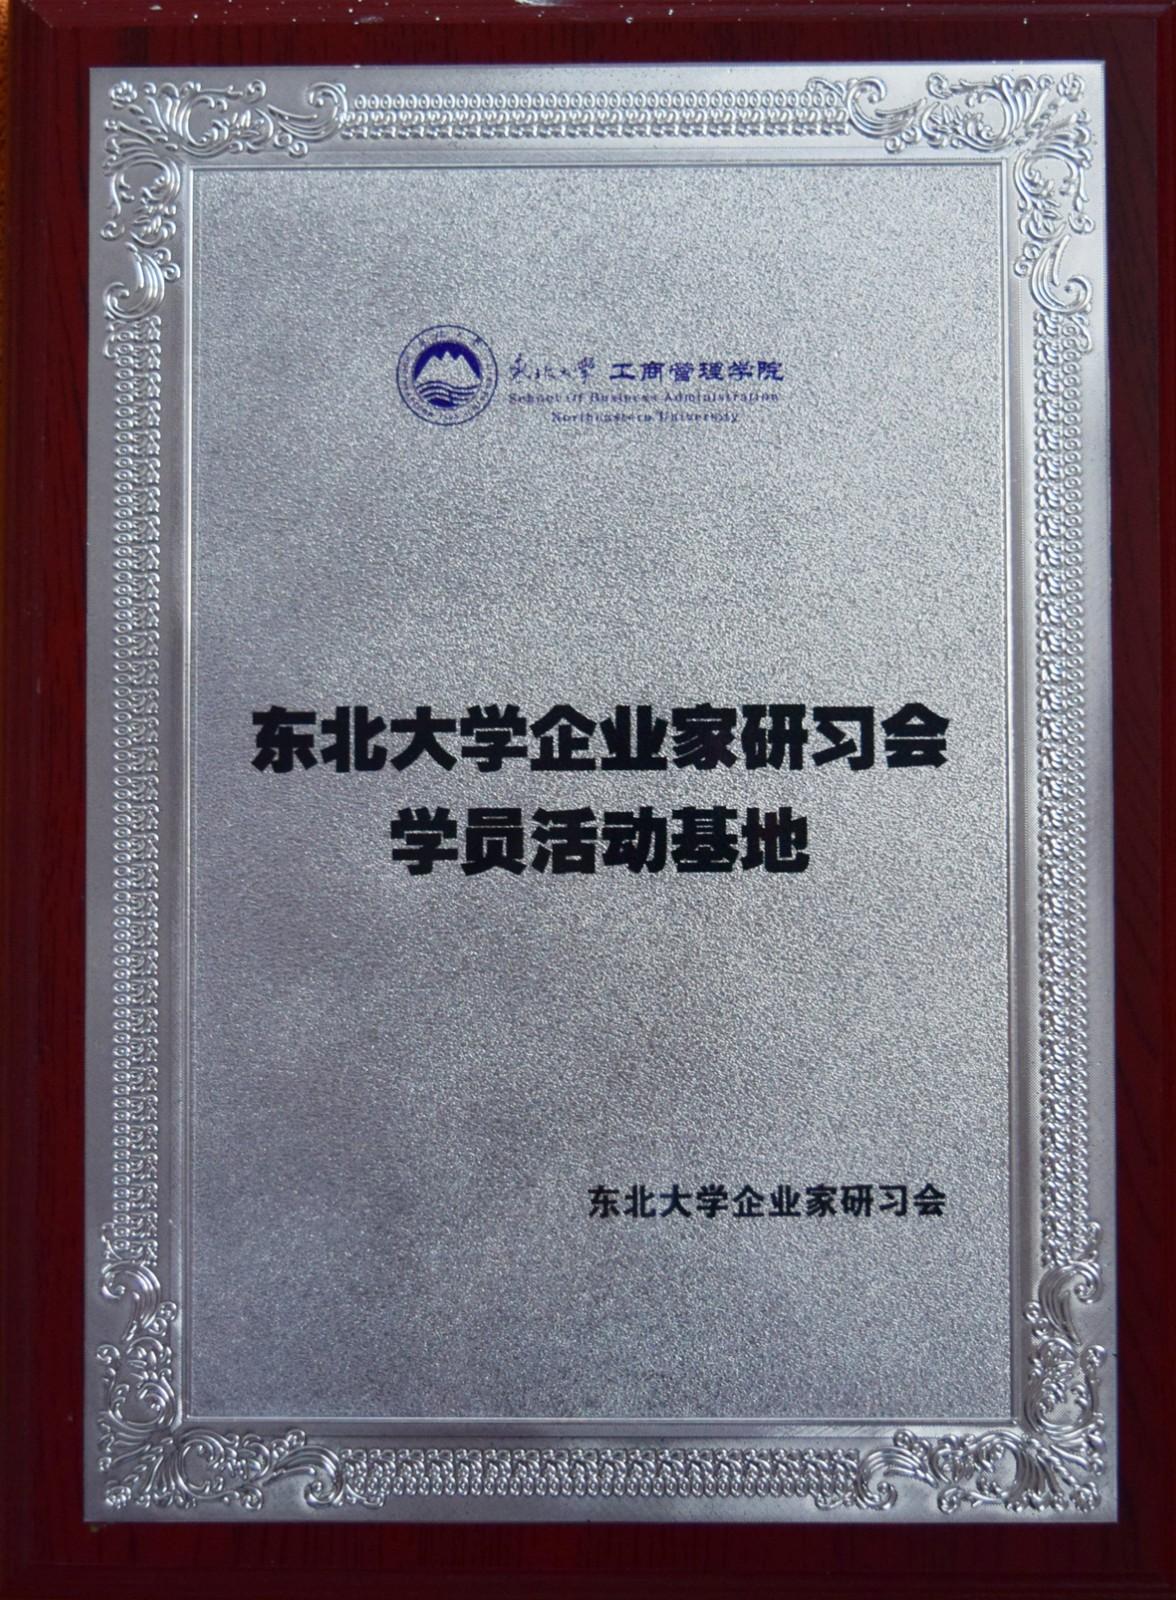 东大研习会活动基地.JPG